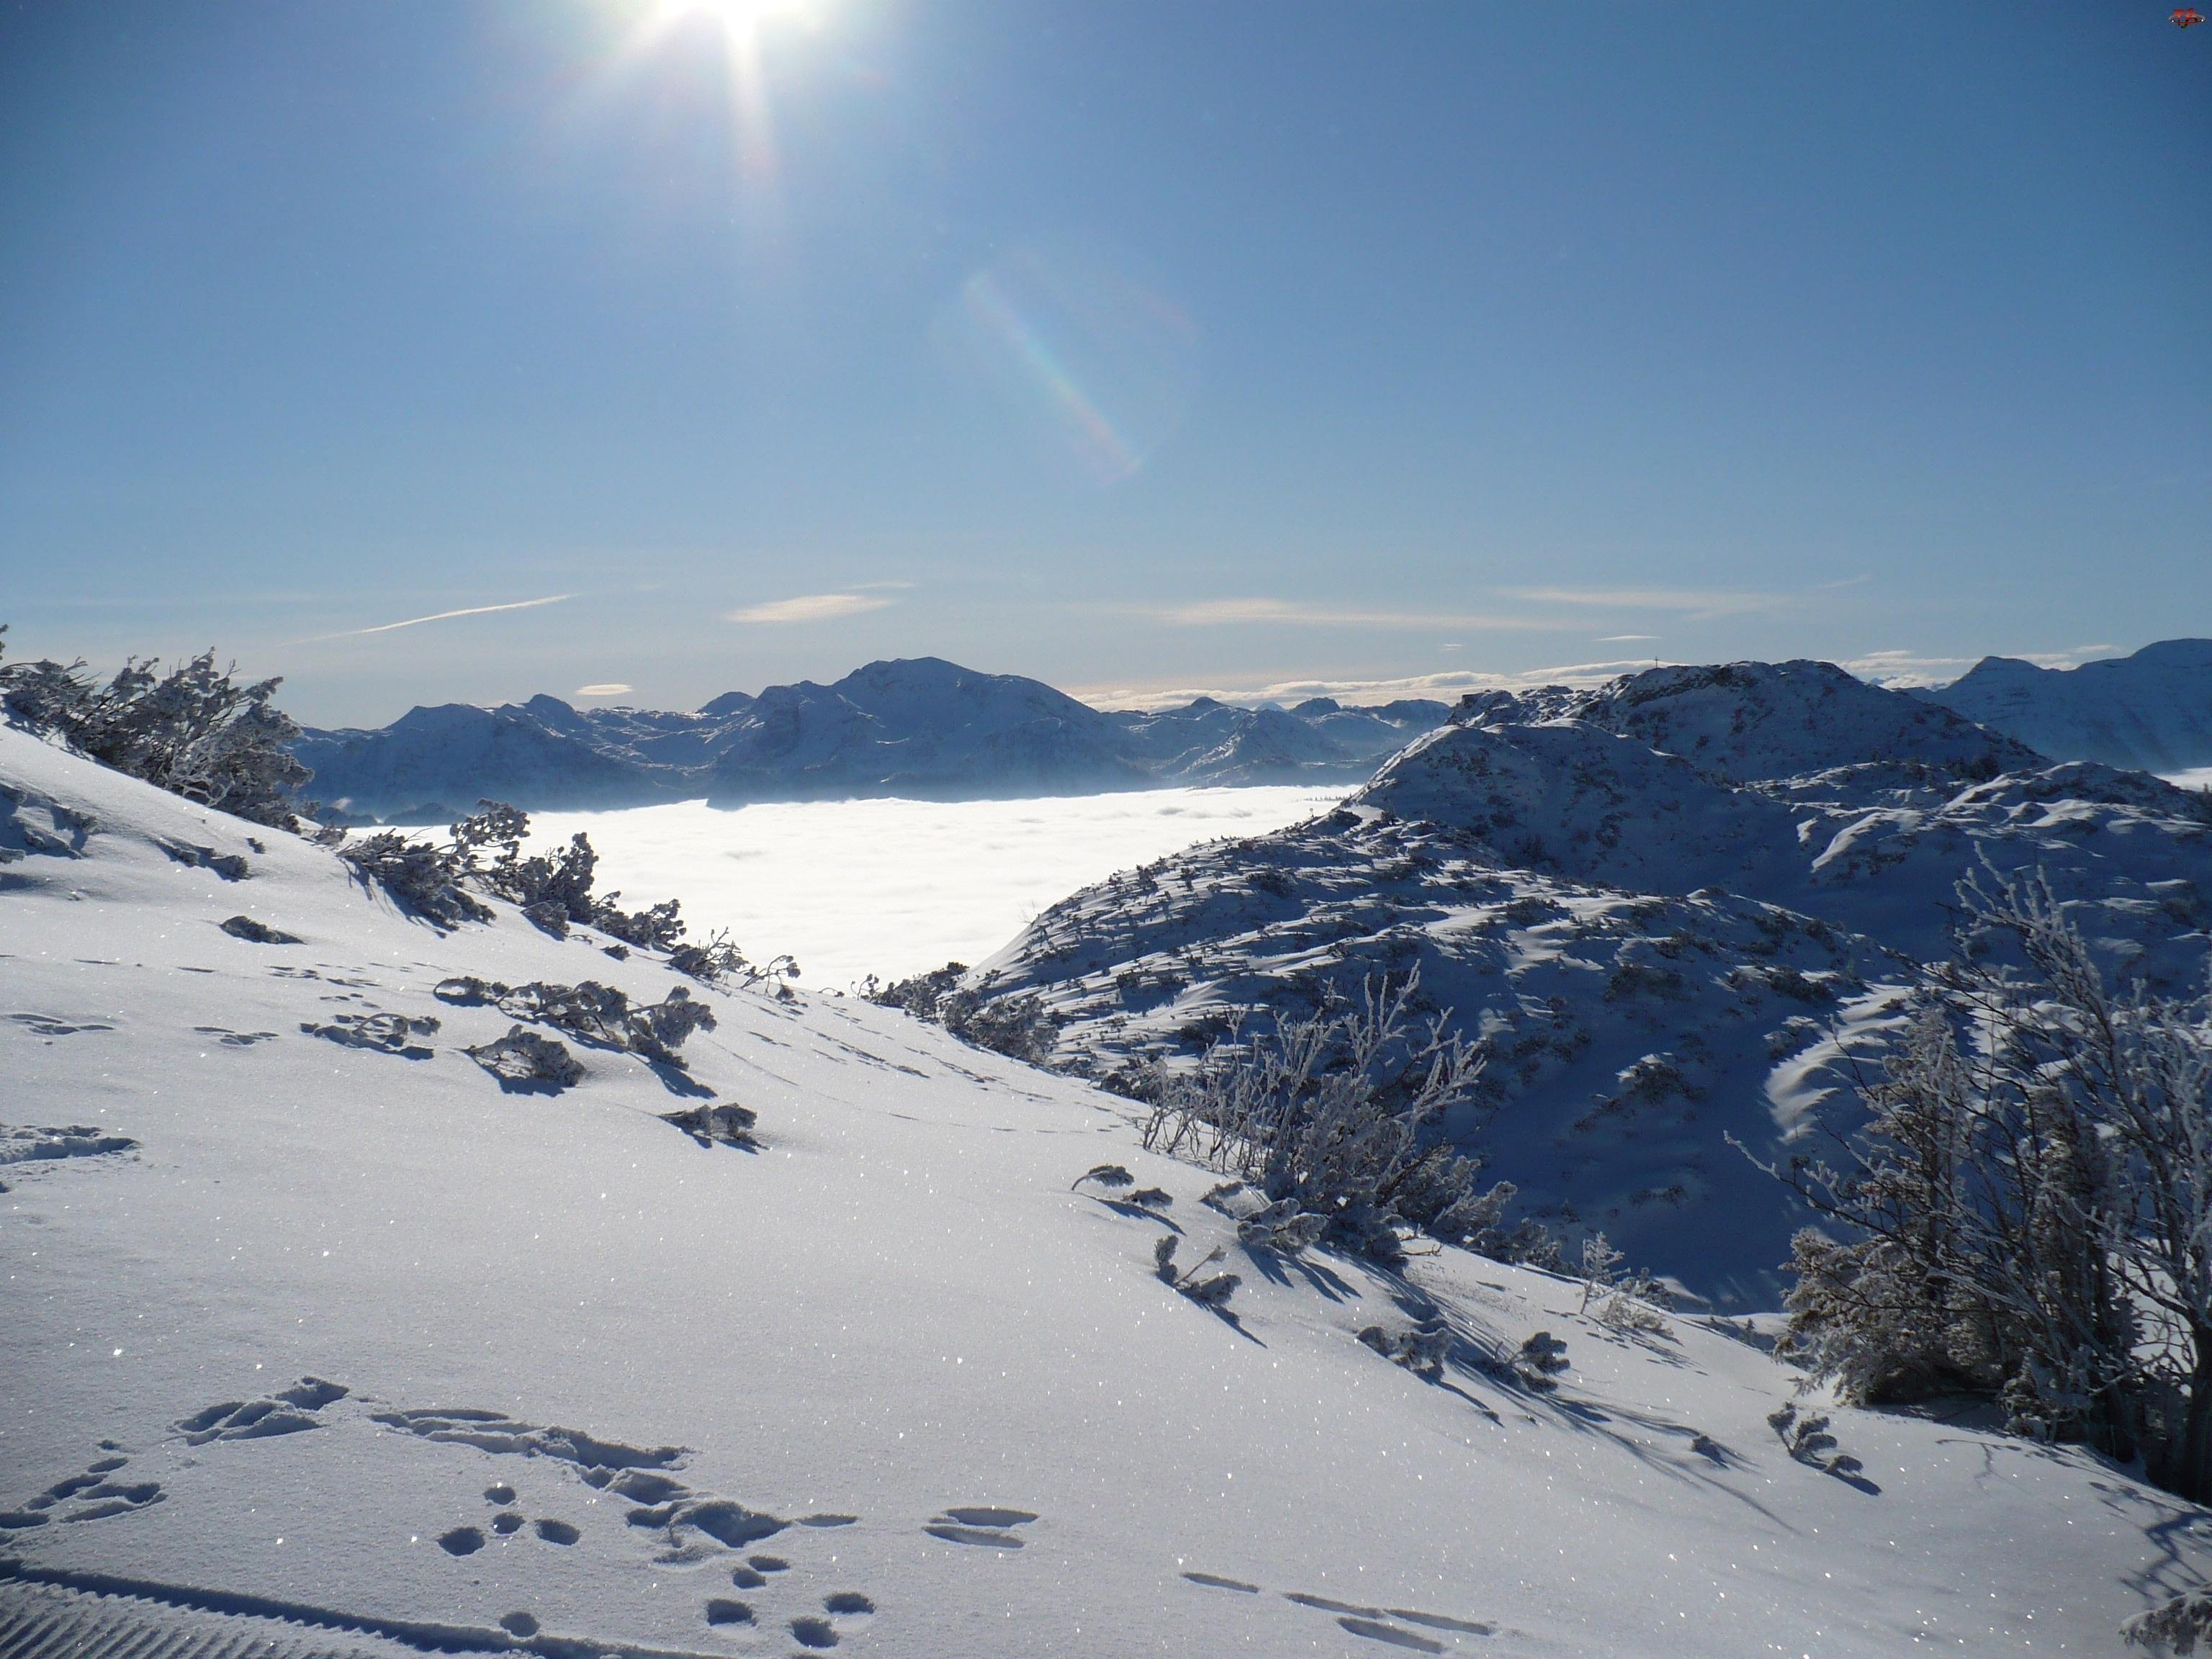 Góry, Na, Alpy, Śniegu, Zima, Ślady